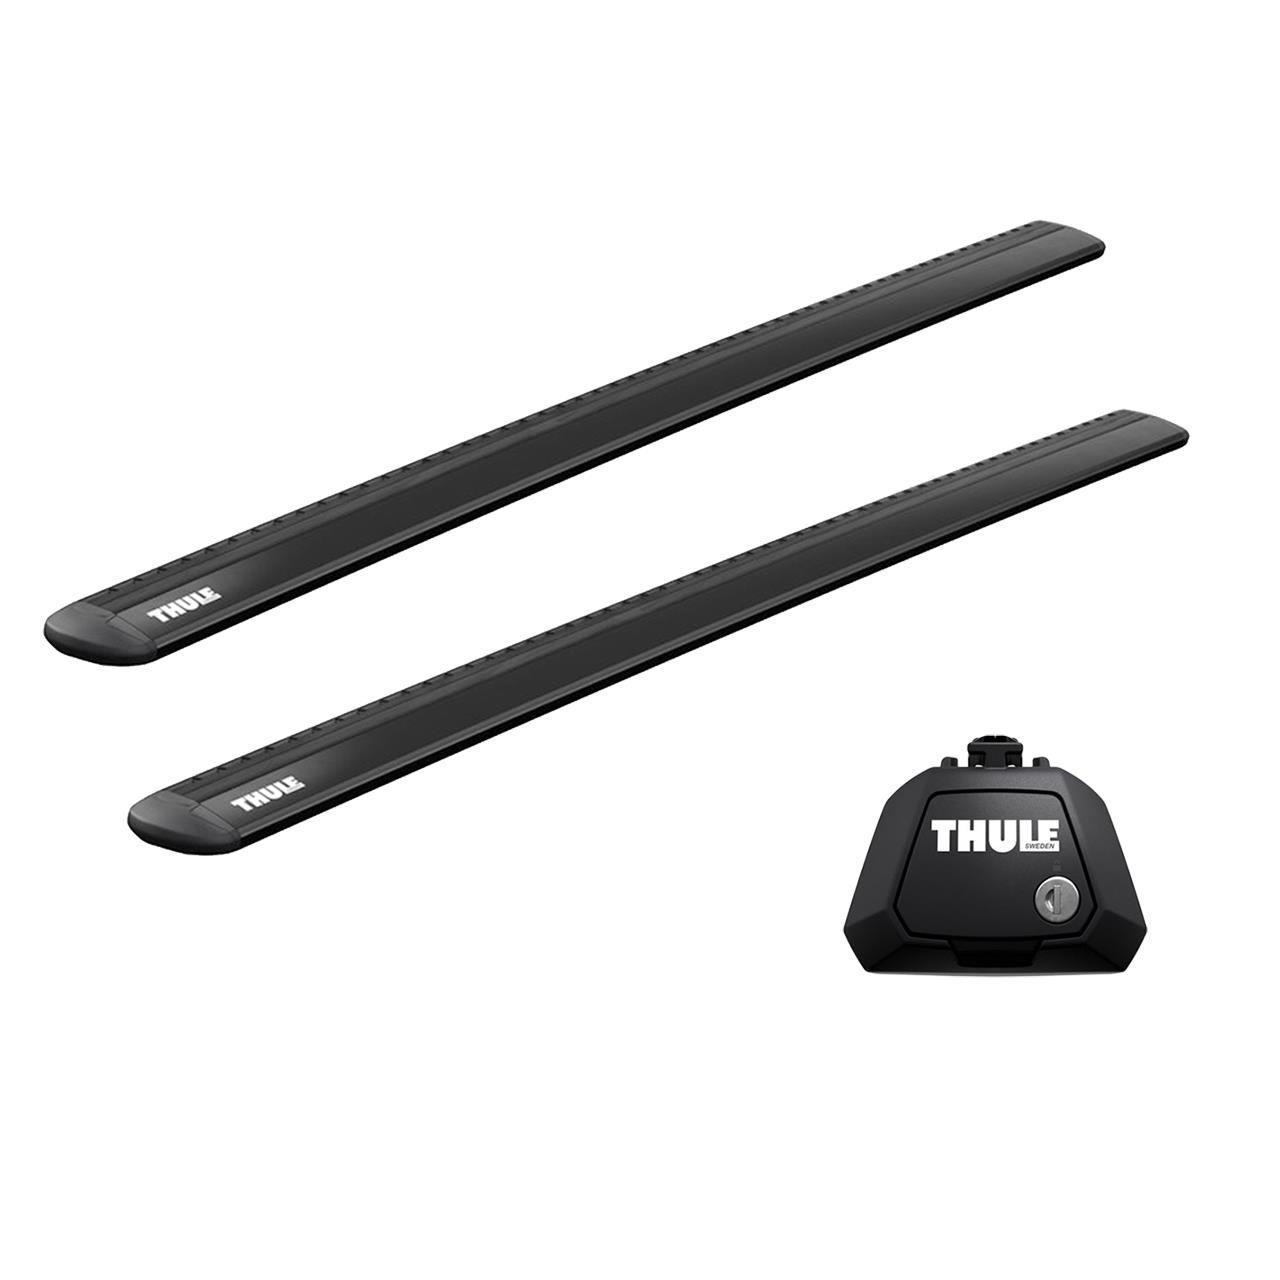 Напречни греди Thule Evo Raised Rail WingBar Evo 127cm в Черно за FORD Kuga 5 врати SUV 2013- с фабрични надлъжни греди с просвет 1